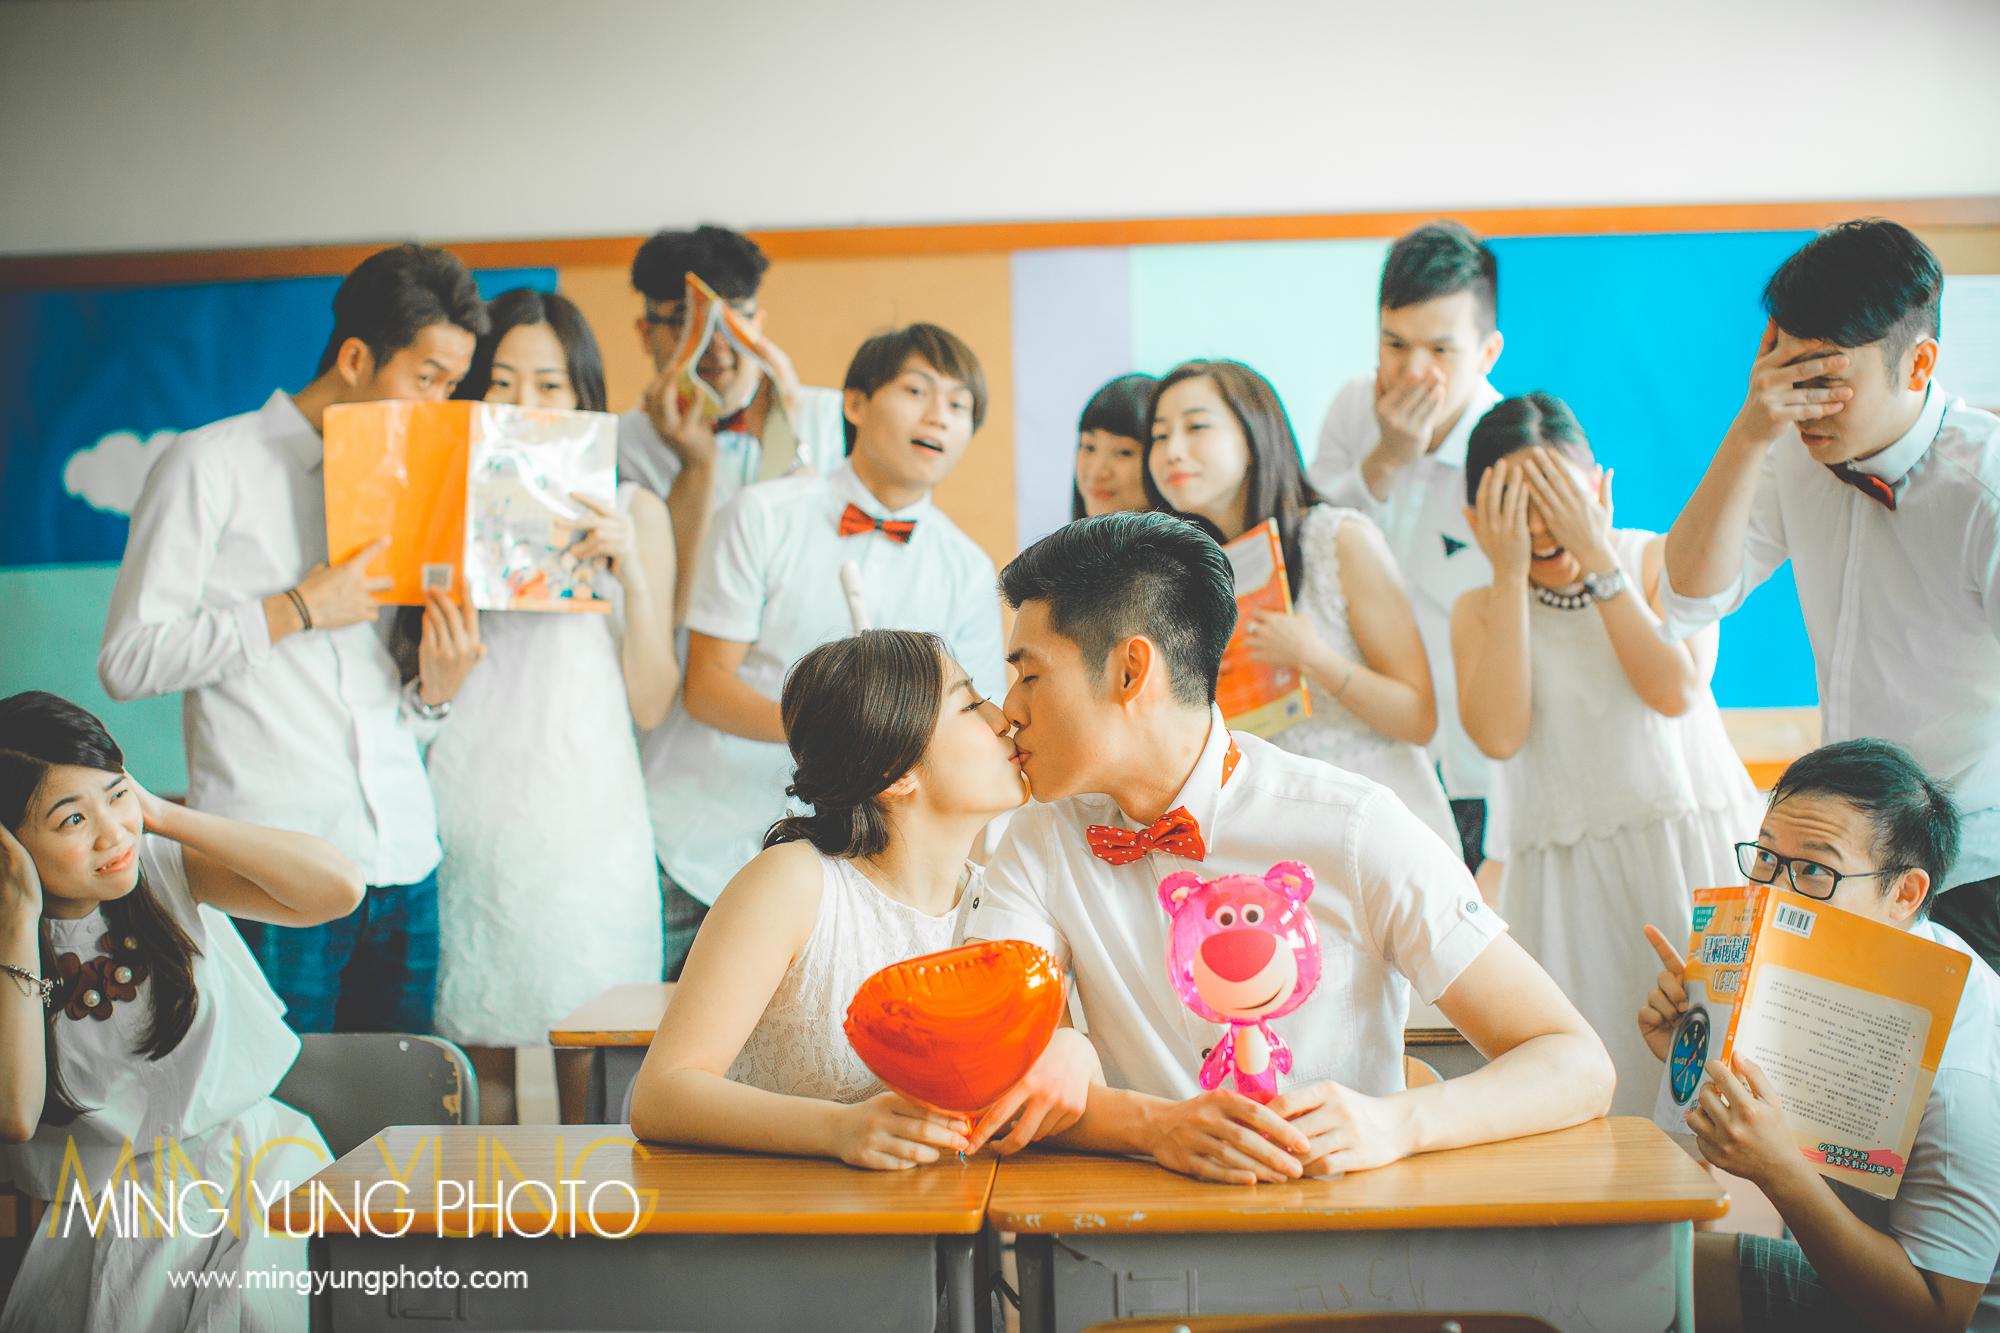 mingyungphoto-20160507-0009